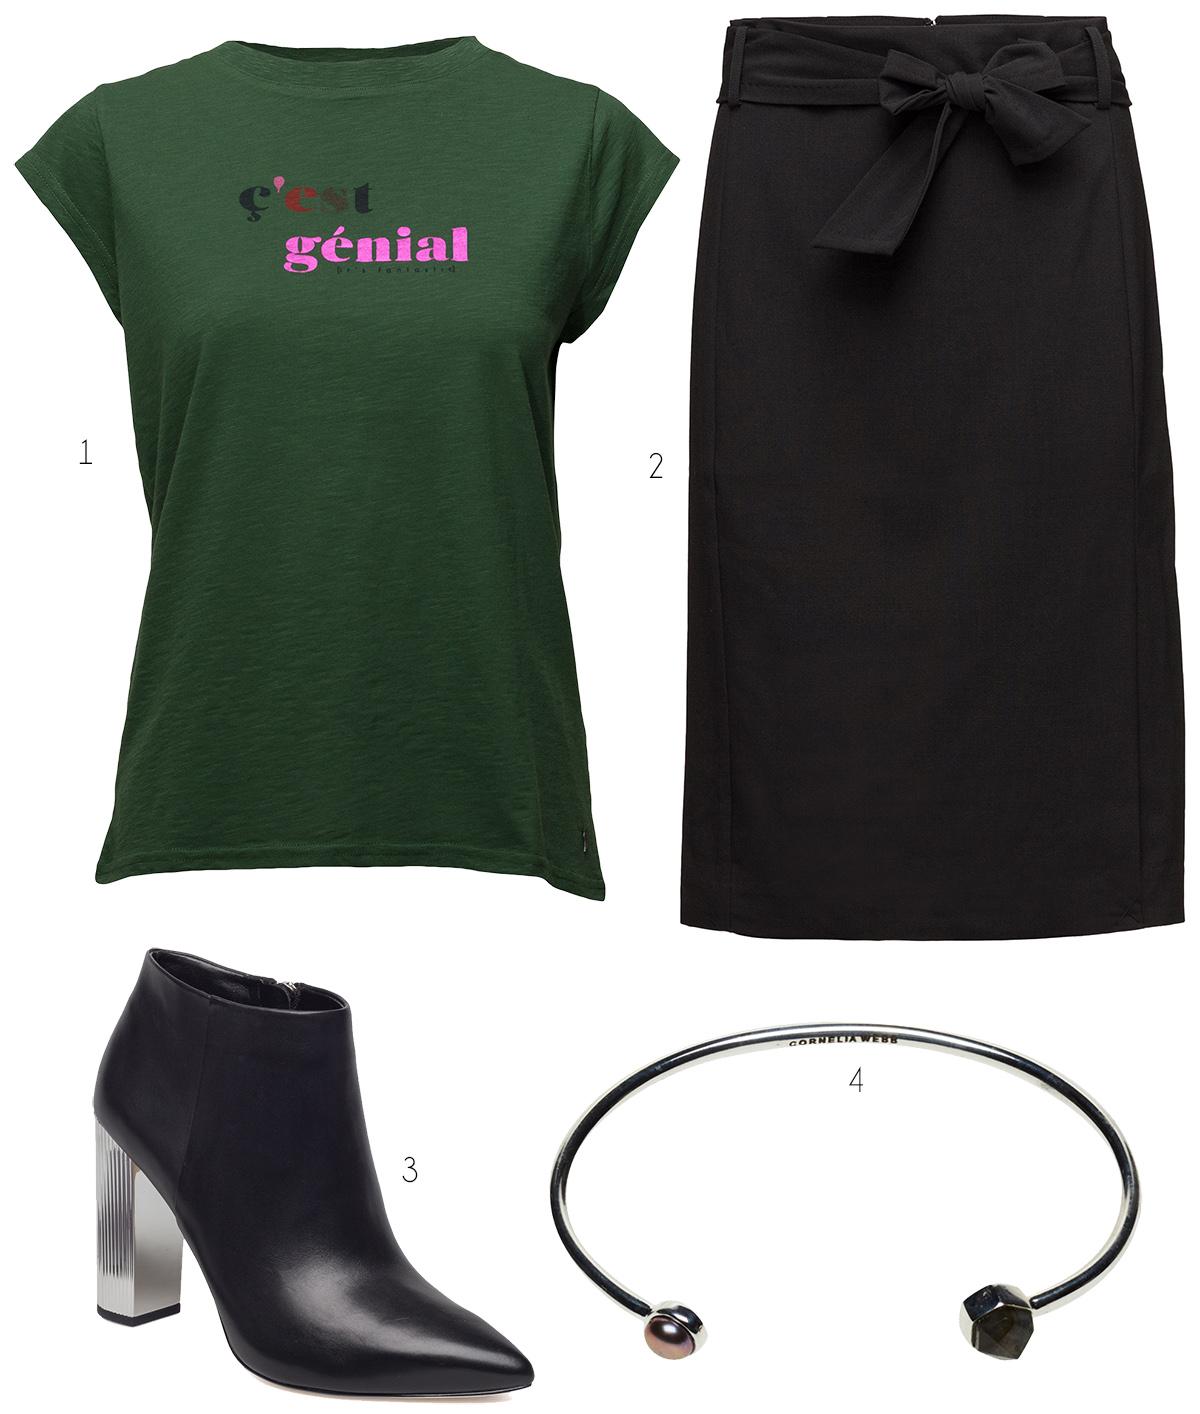 en genial outfit